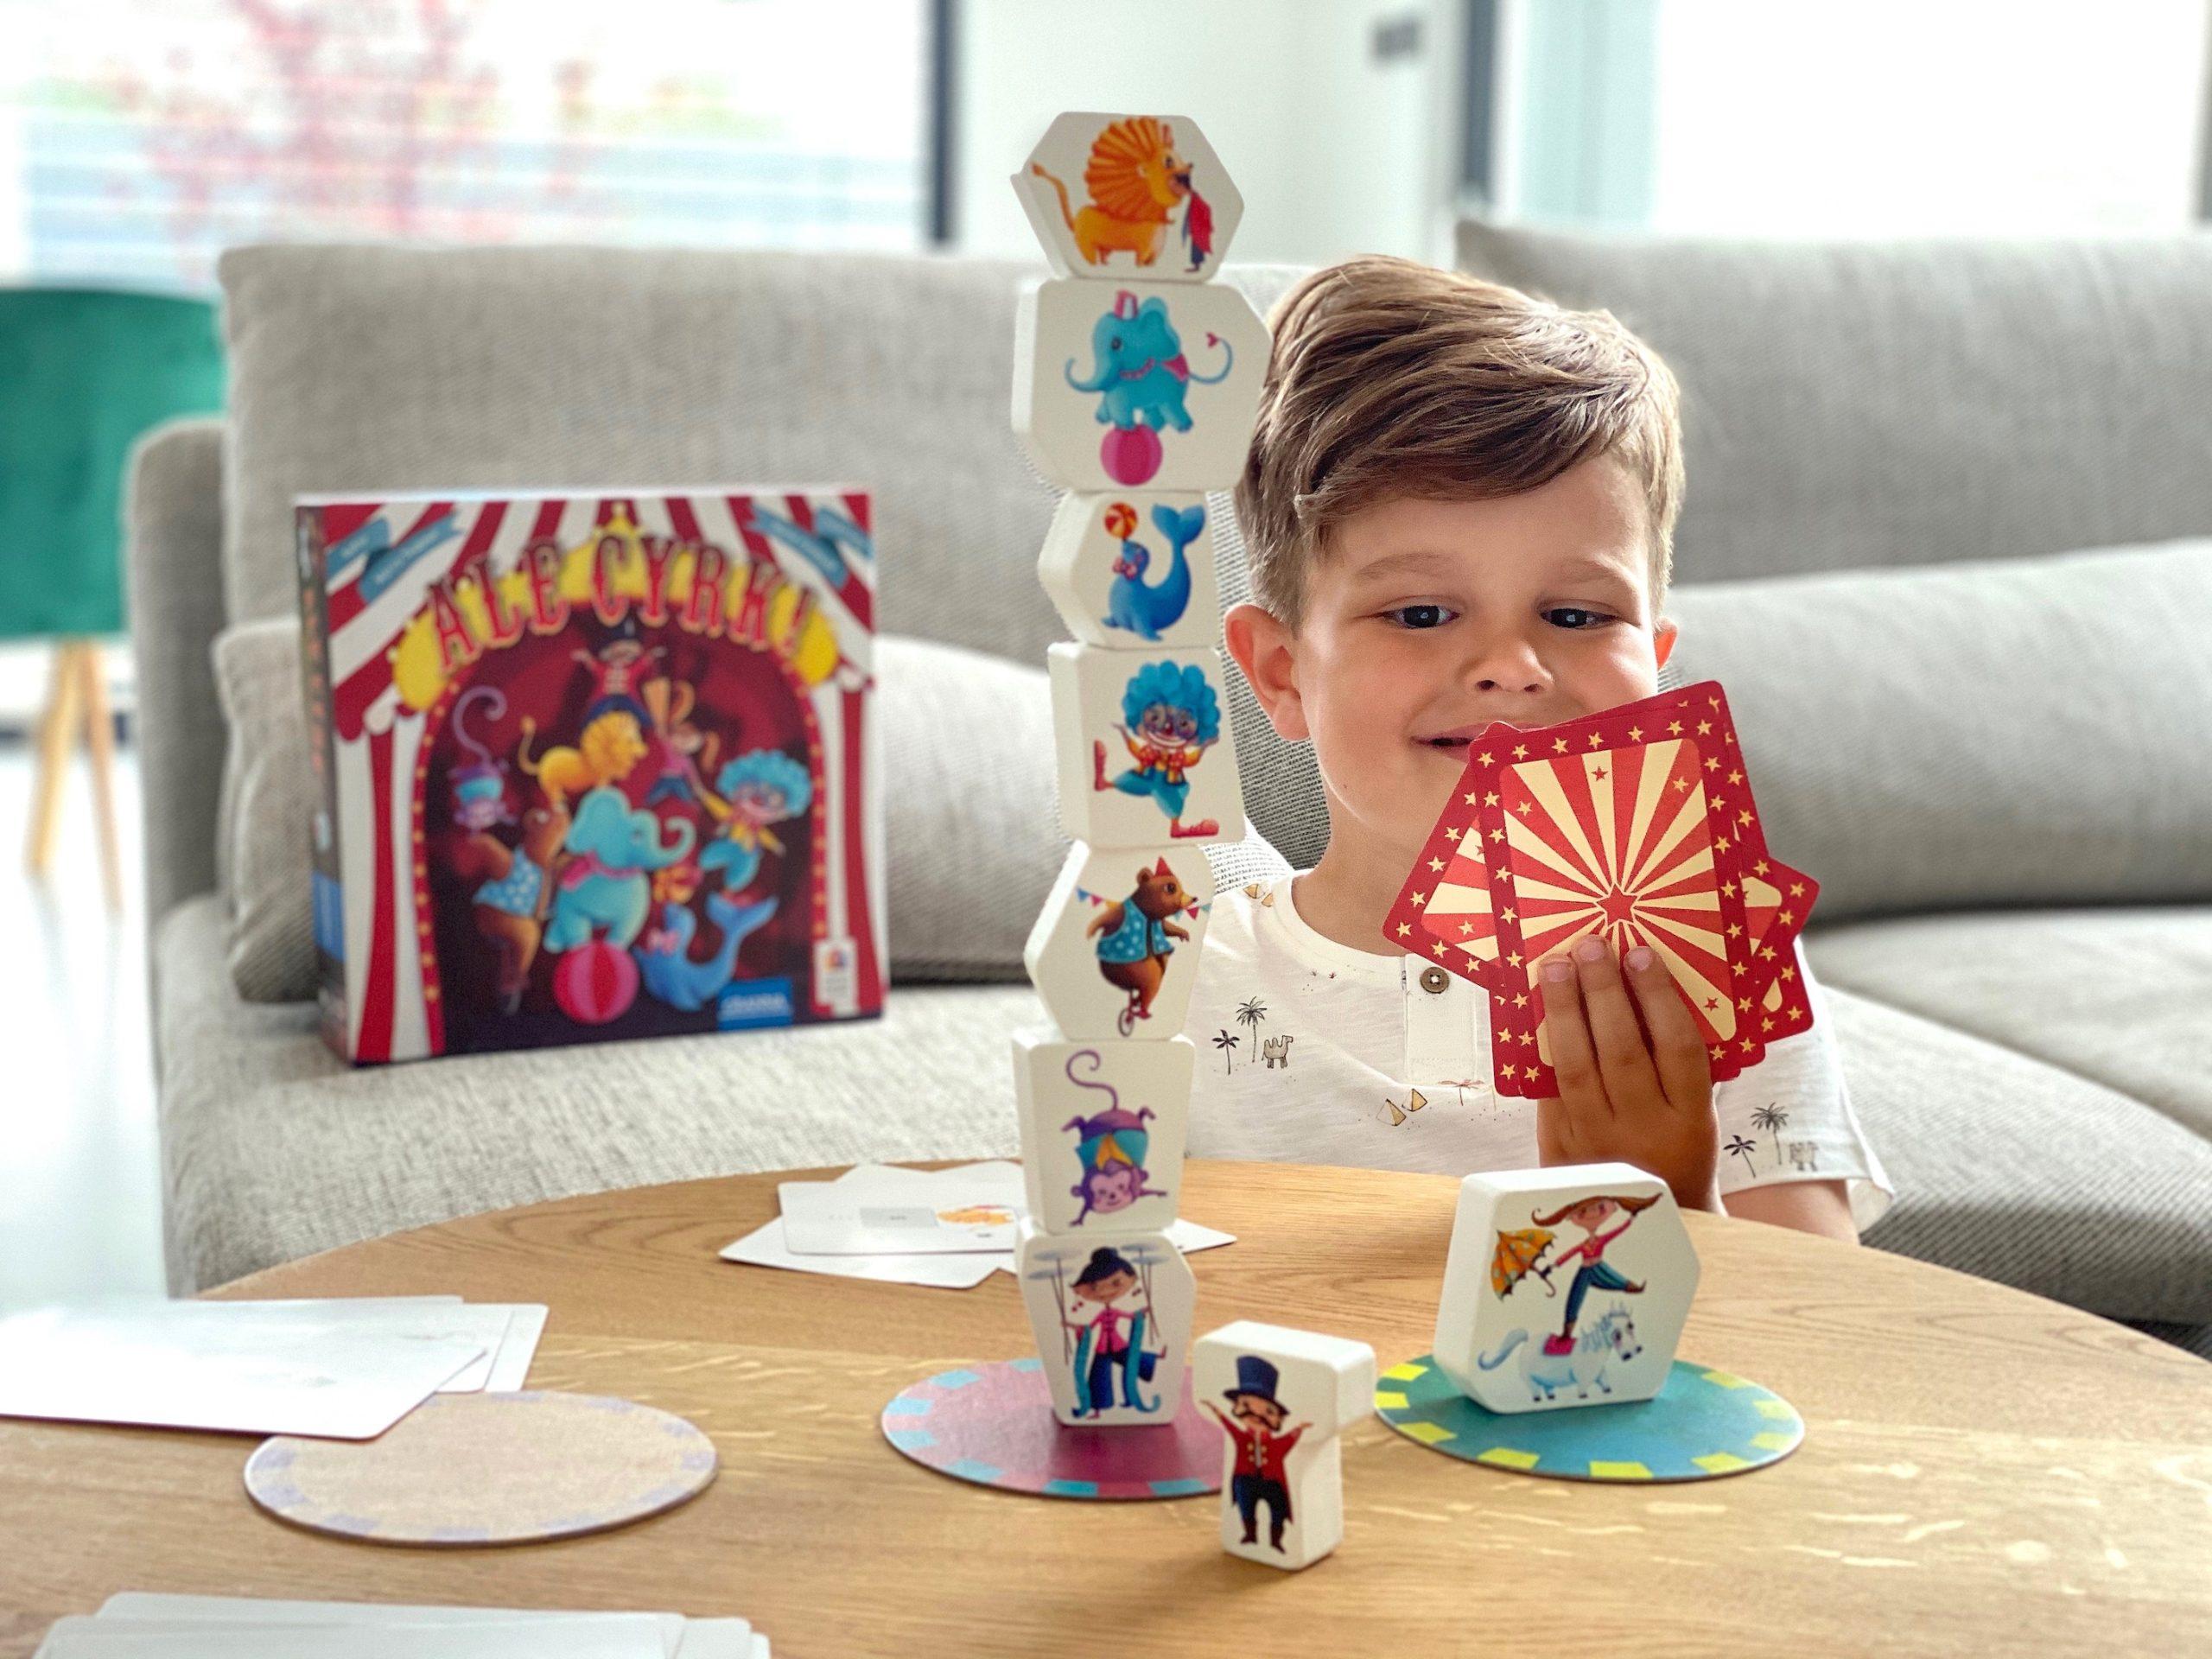 Nasze hity wśród planszówek (i nie tylko), czyli świetna rozrywka dla przedszkolaka i rodziny